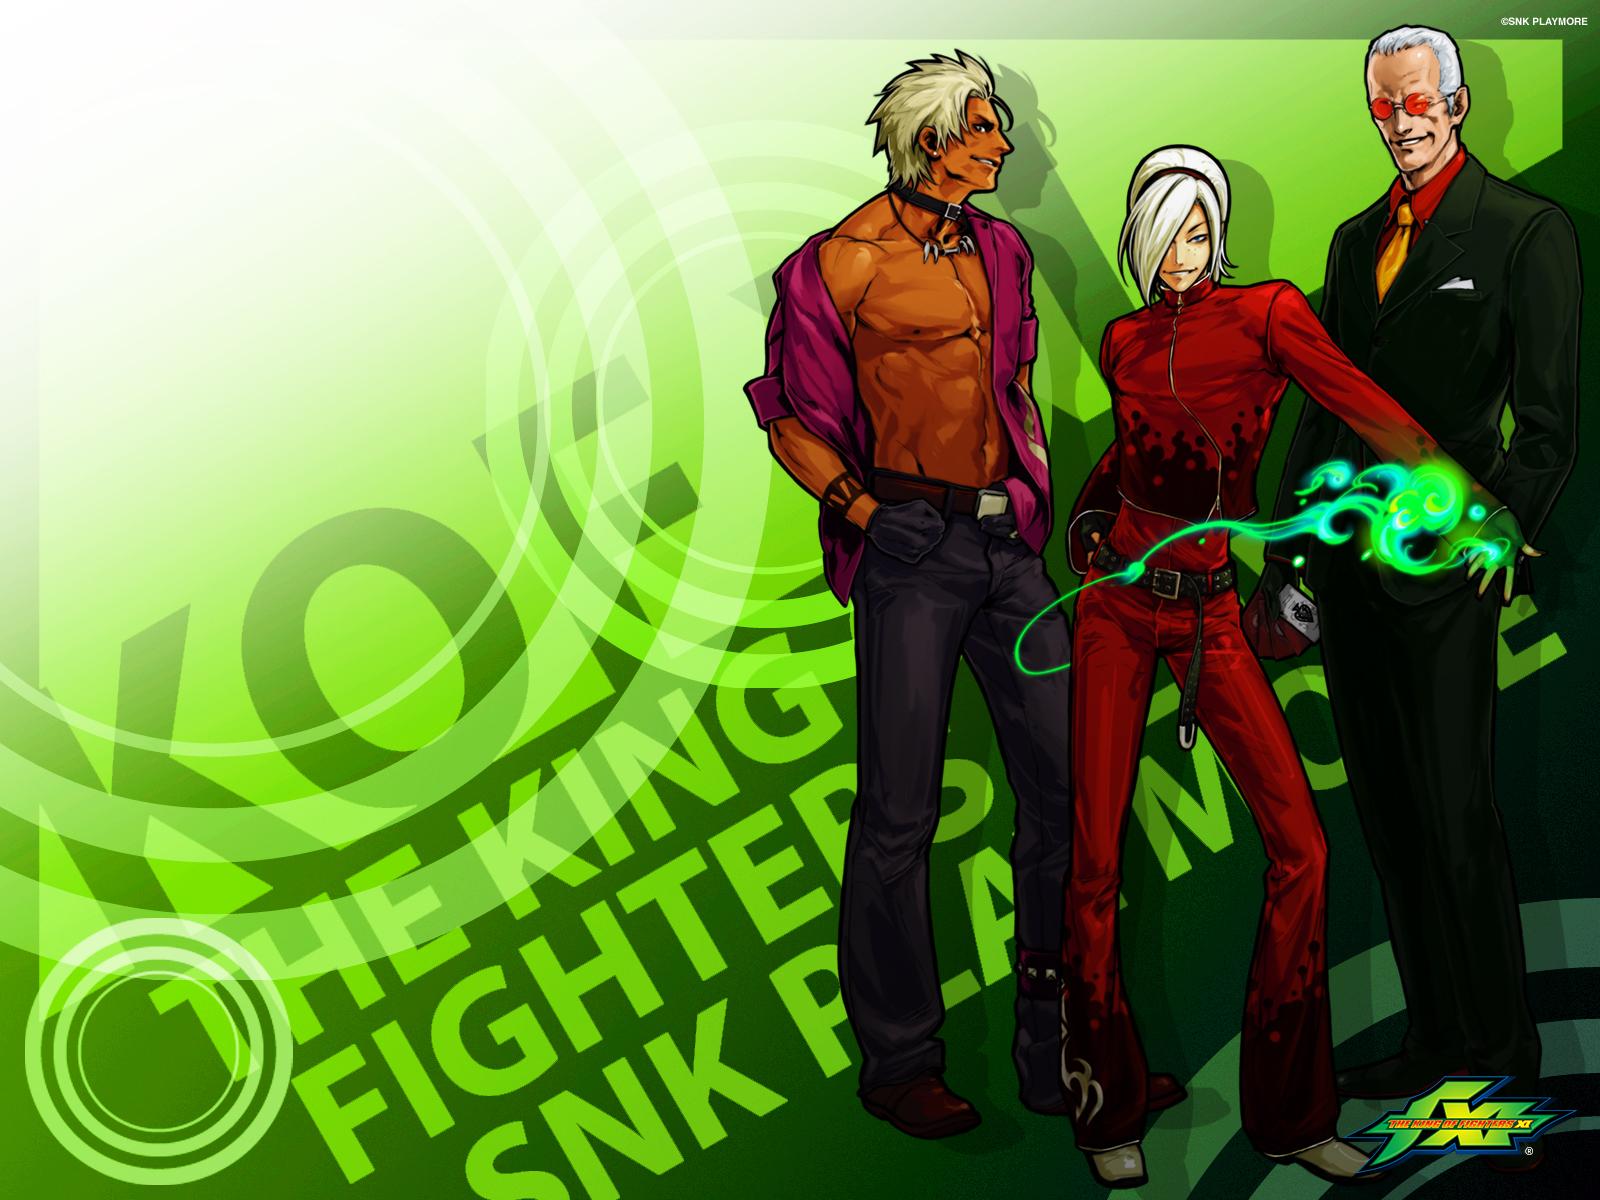 King Of Fighters Wallpaper 908882 Zerochan Anime Image Board